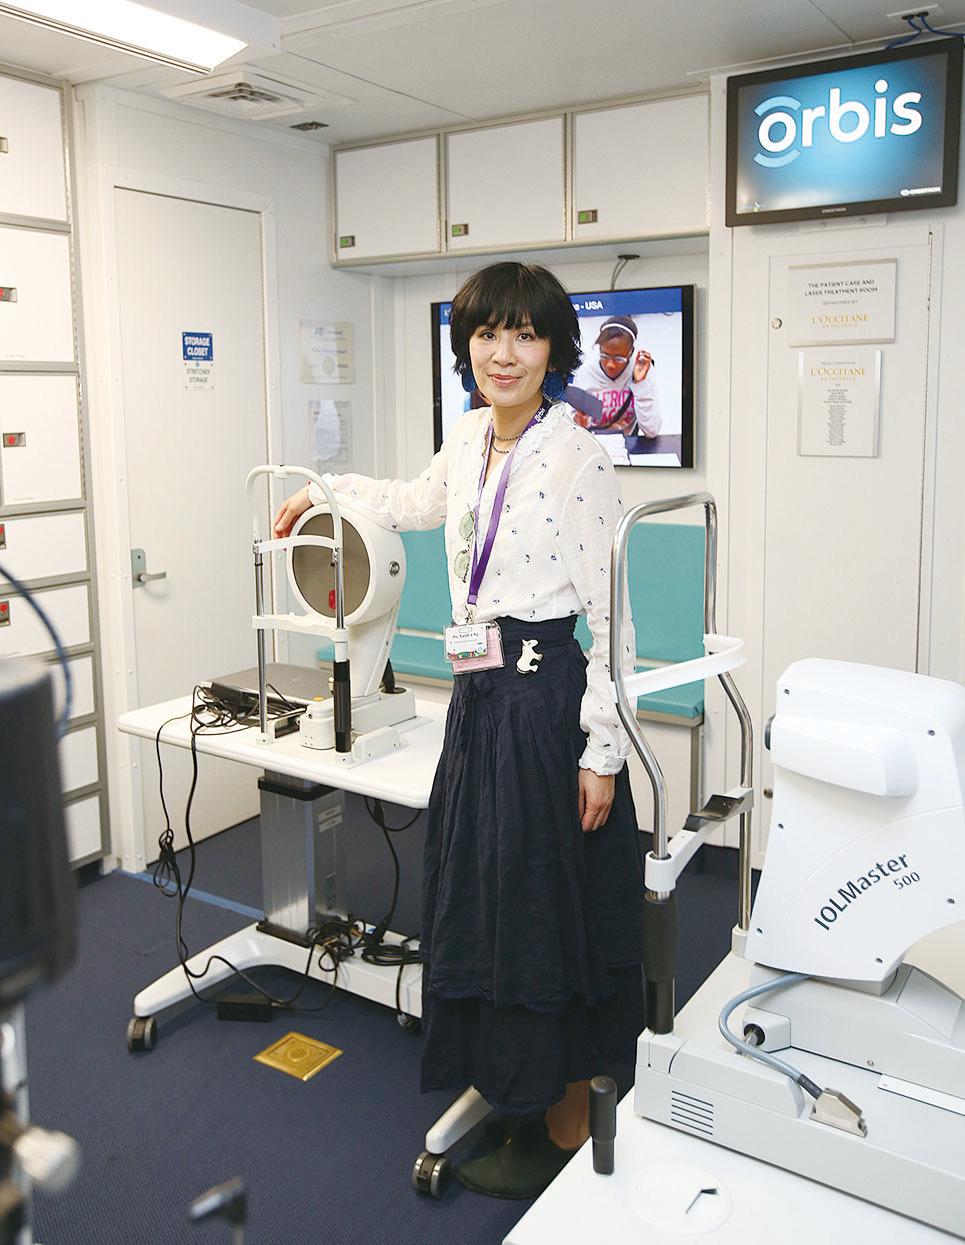 吳君如參觀眼科飛機上的新儀器設備。(公關提供)